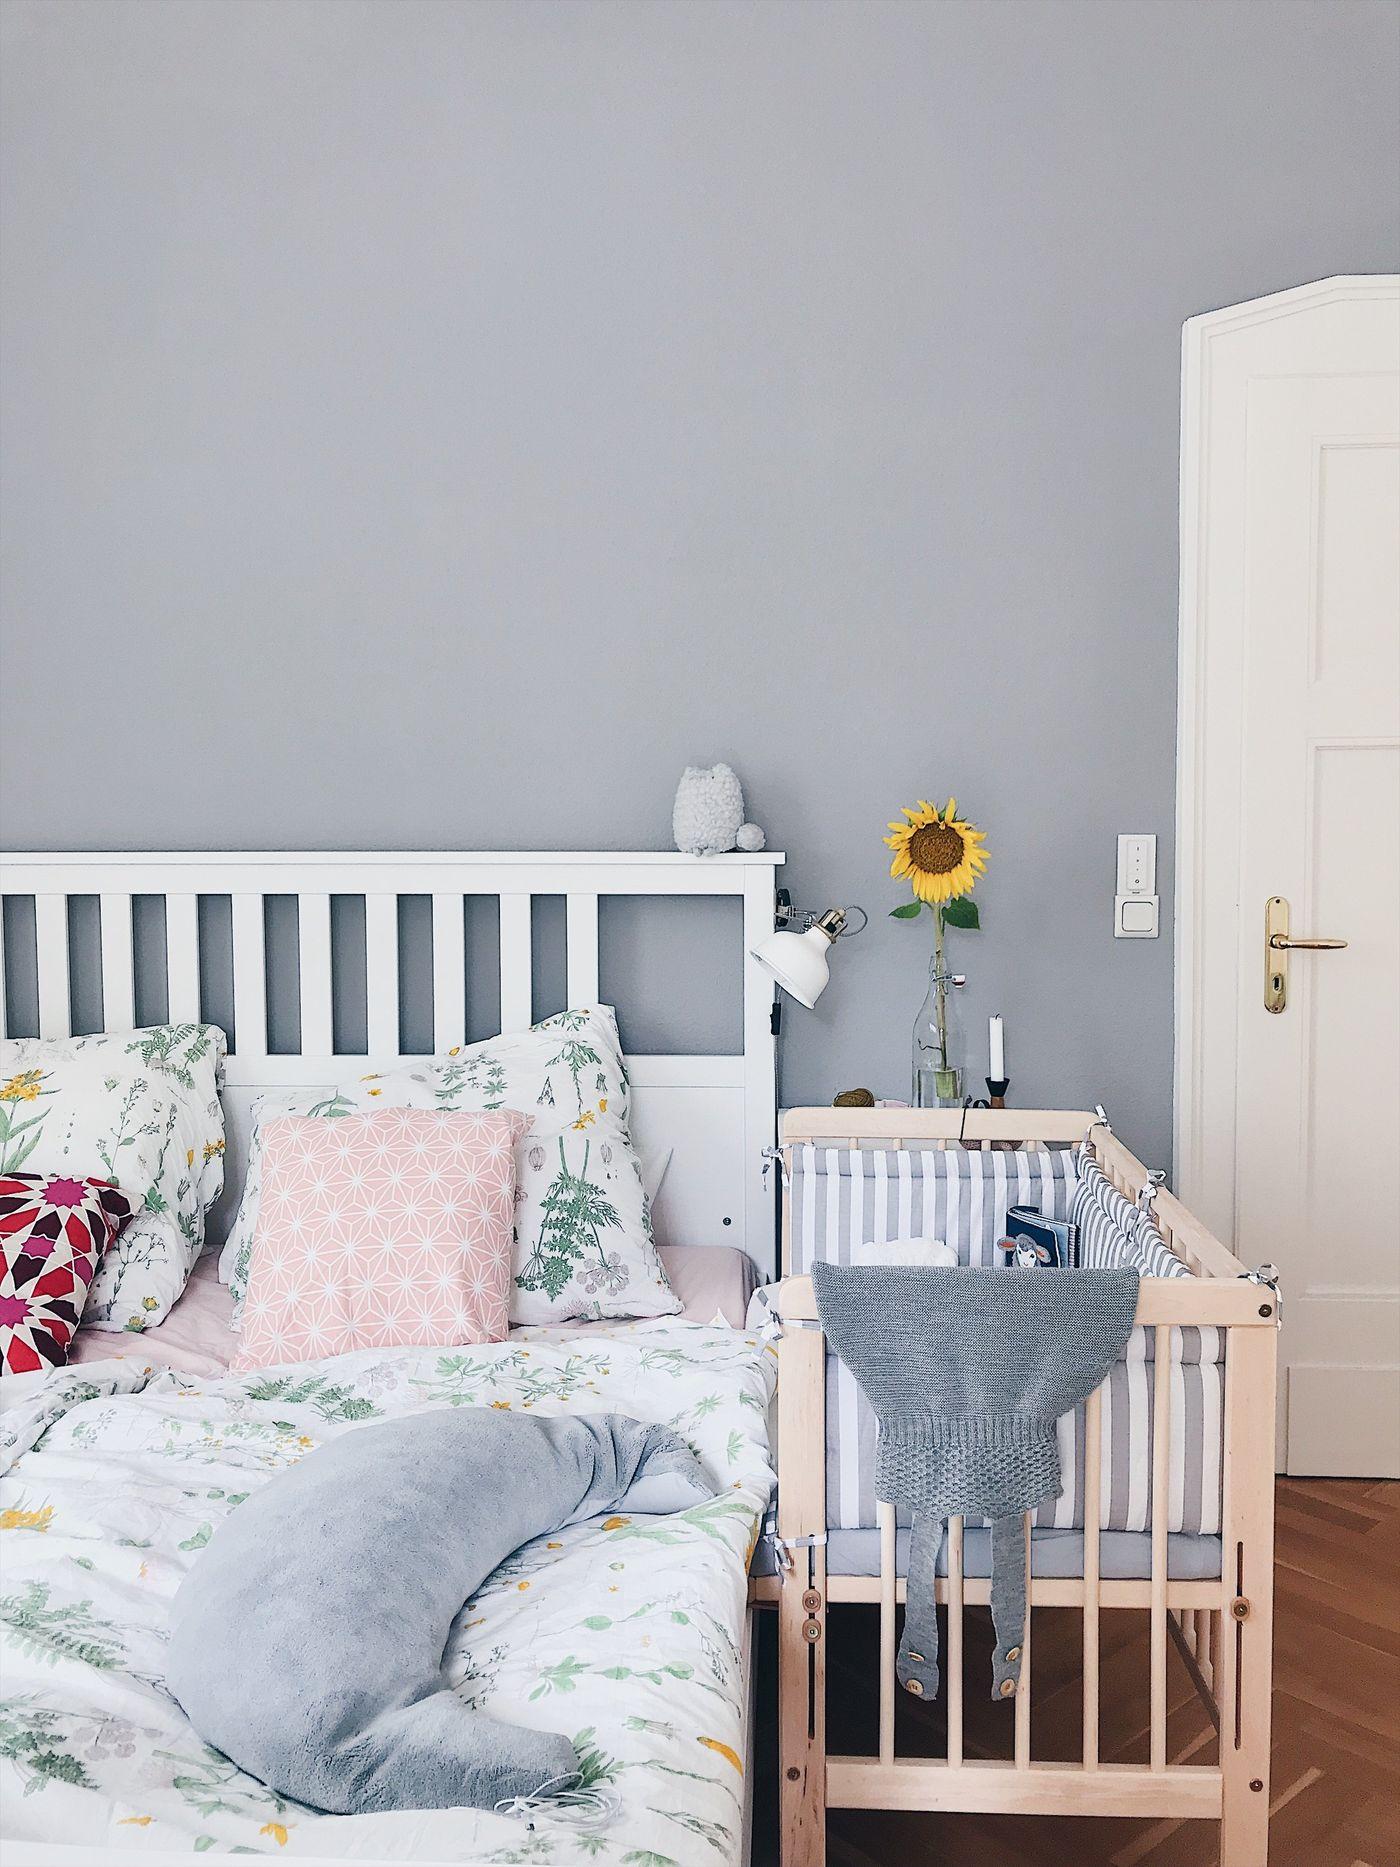 wandfarbe grau schlafzimmer bettdecken shop schlafzimmer minecraft afrika style werner beinhart. Black Bedroom Furniture Sets. Home Design Ideas